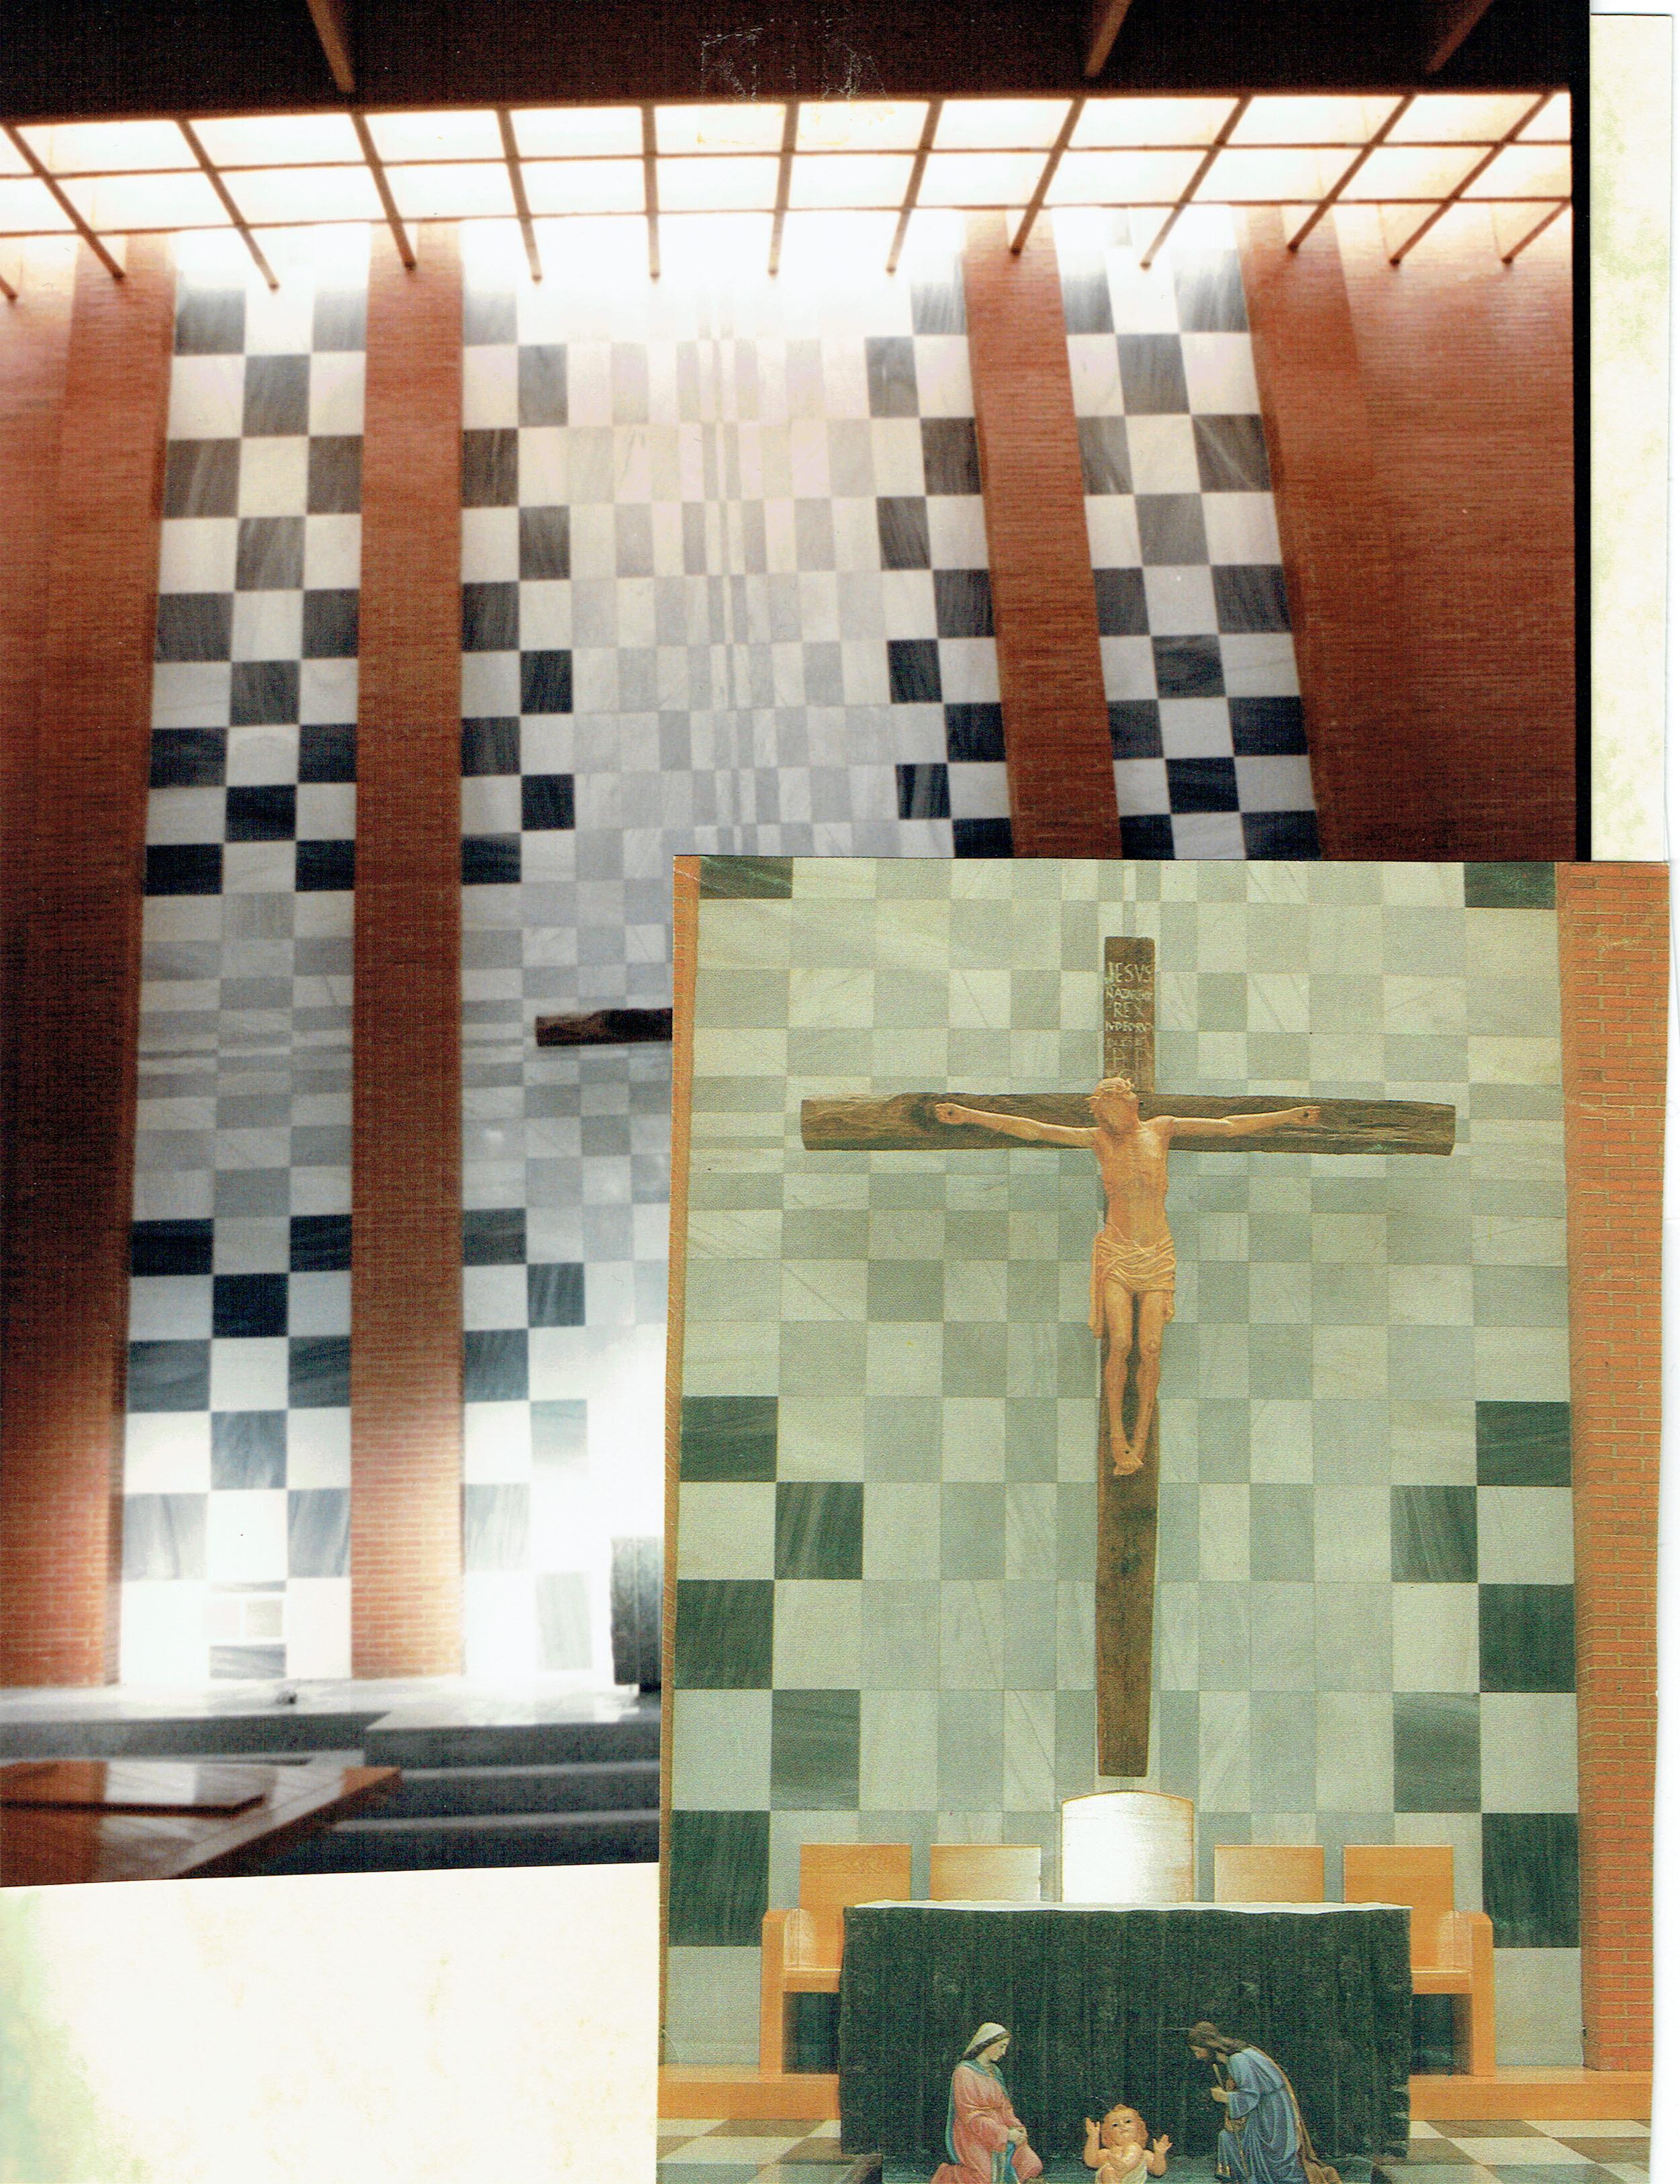 Mosaico del altar de la Iglesia del Perpetuo Socorro, Mérida